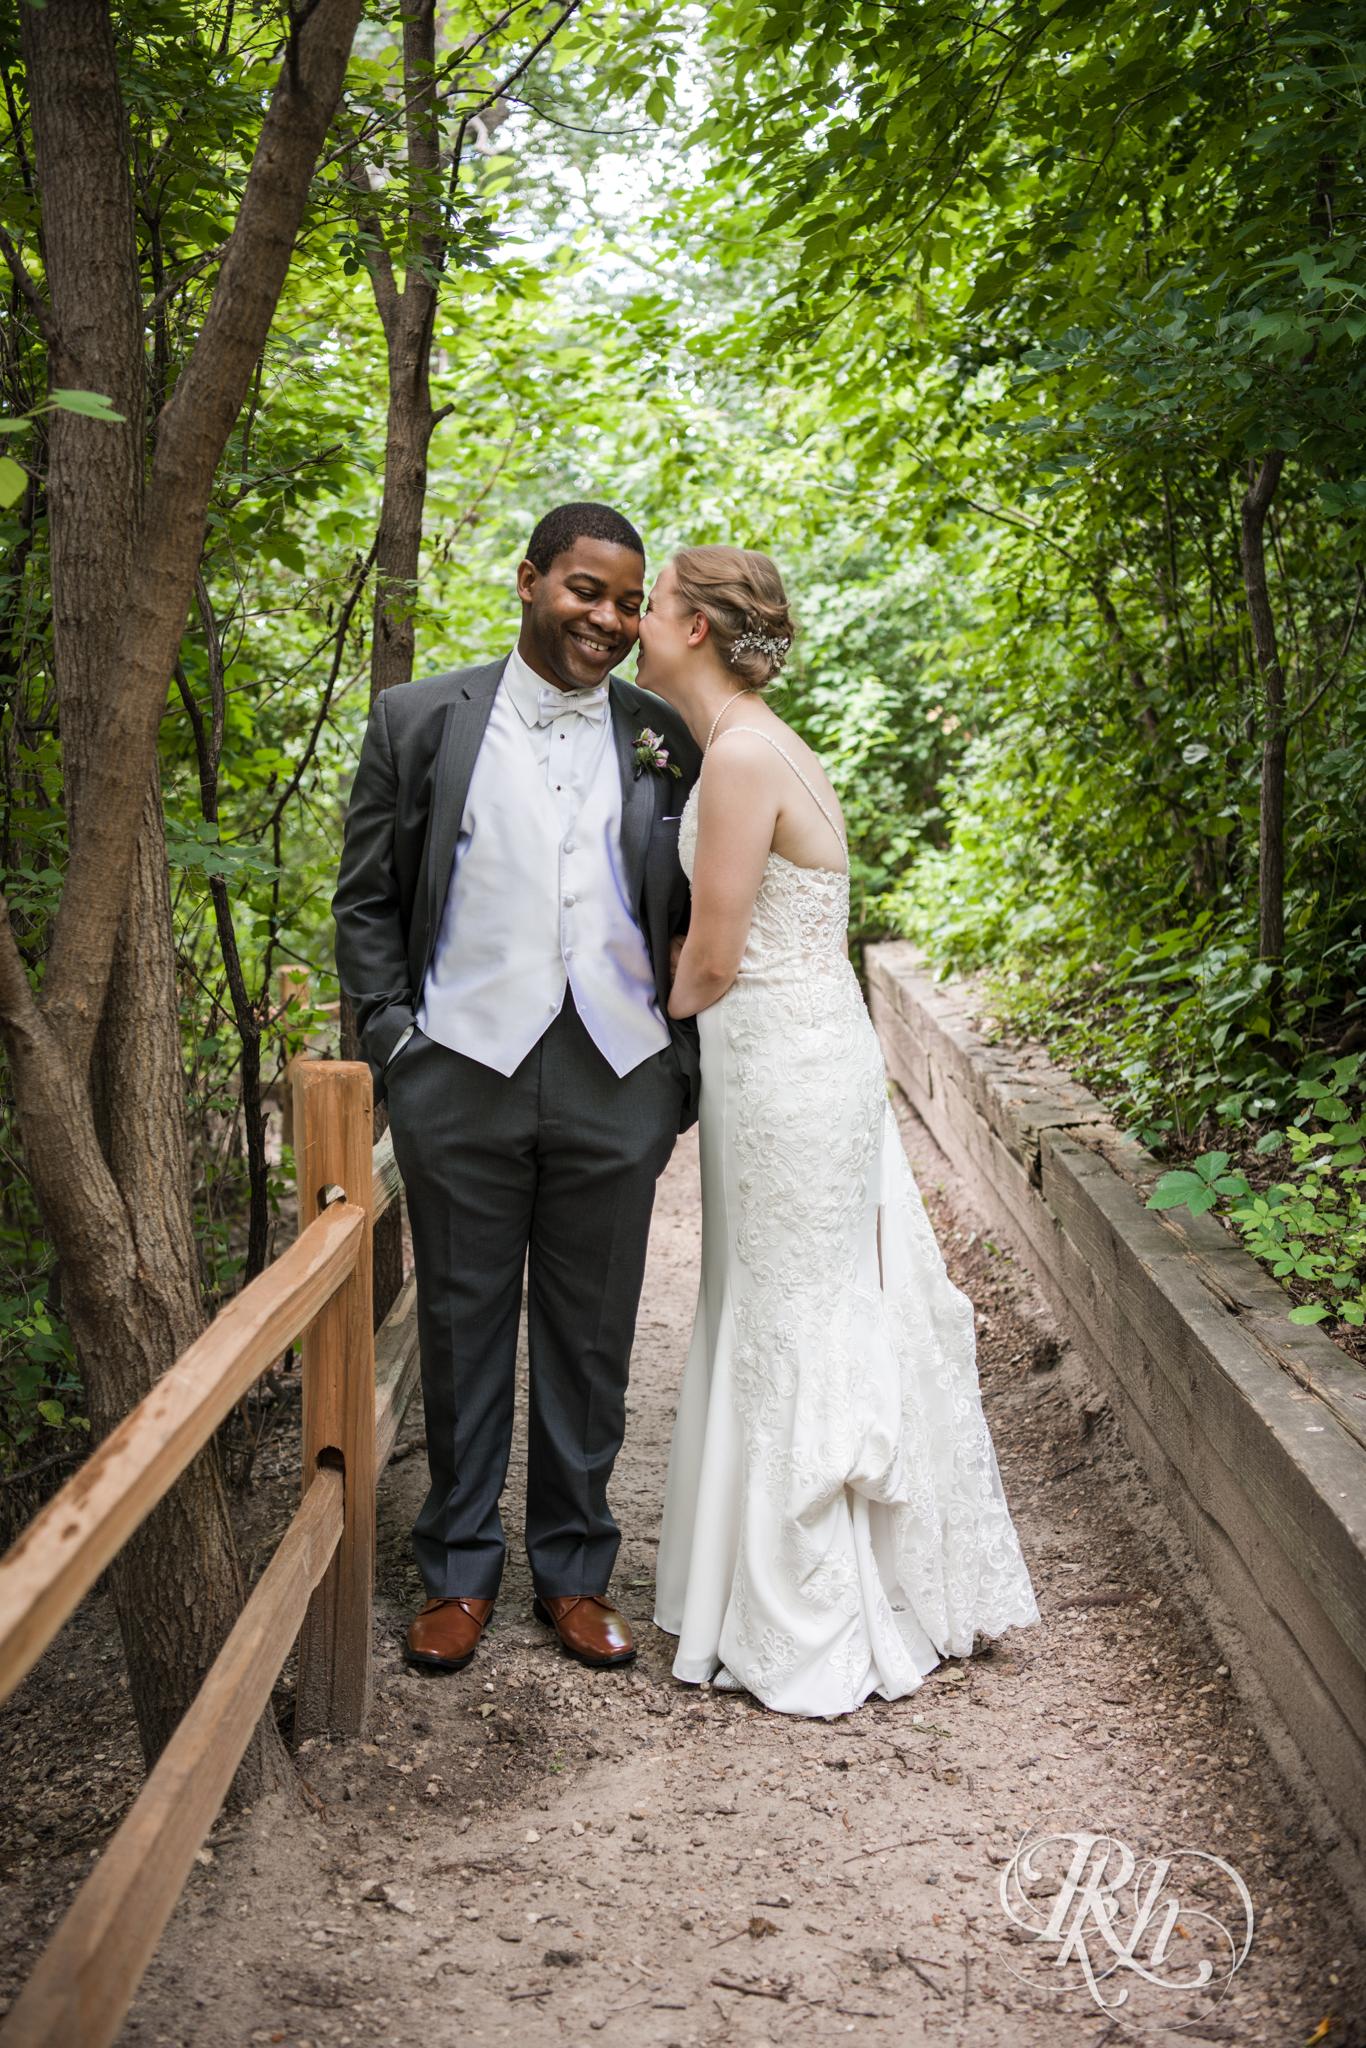 Laura and Adekunle - Minnesota Wedding Photographer - Minnesota History Center - RKH Images - Blog (39 of 75).jpg